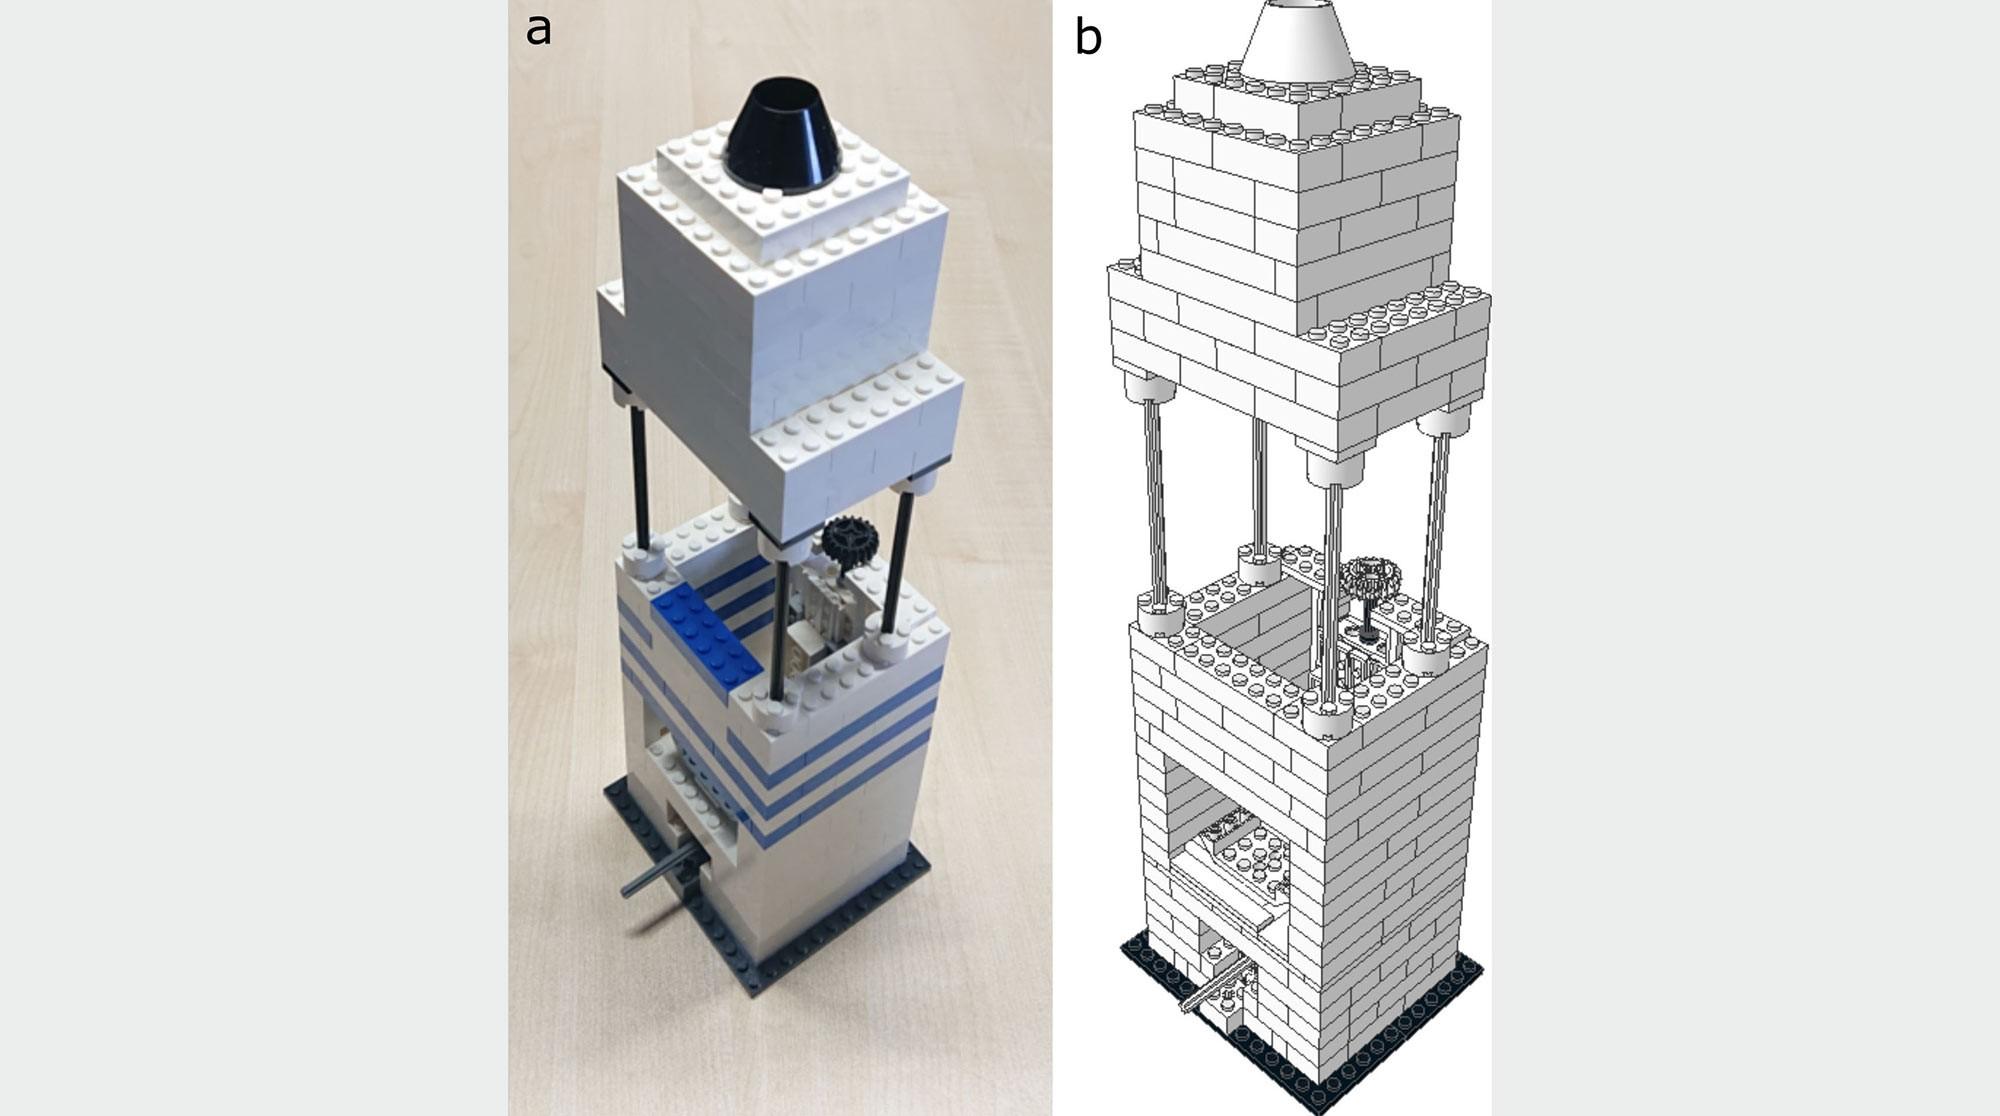 Mikroskop aus Legosteinen und Handy-Linse